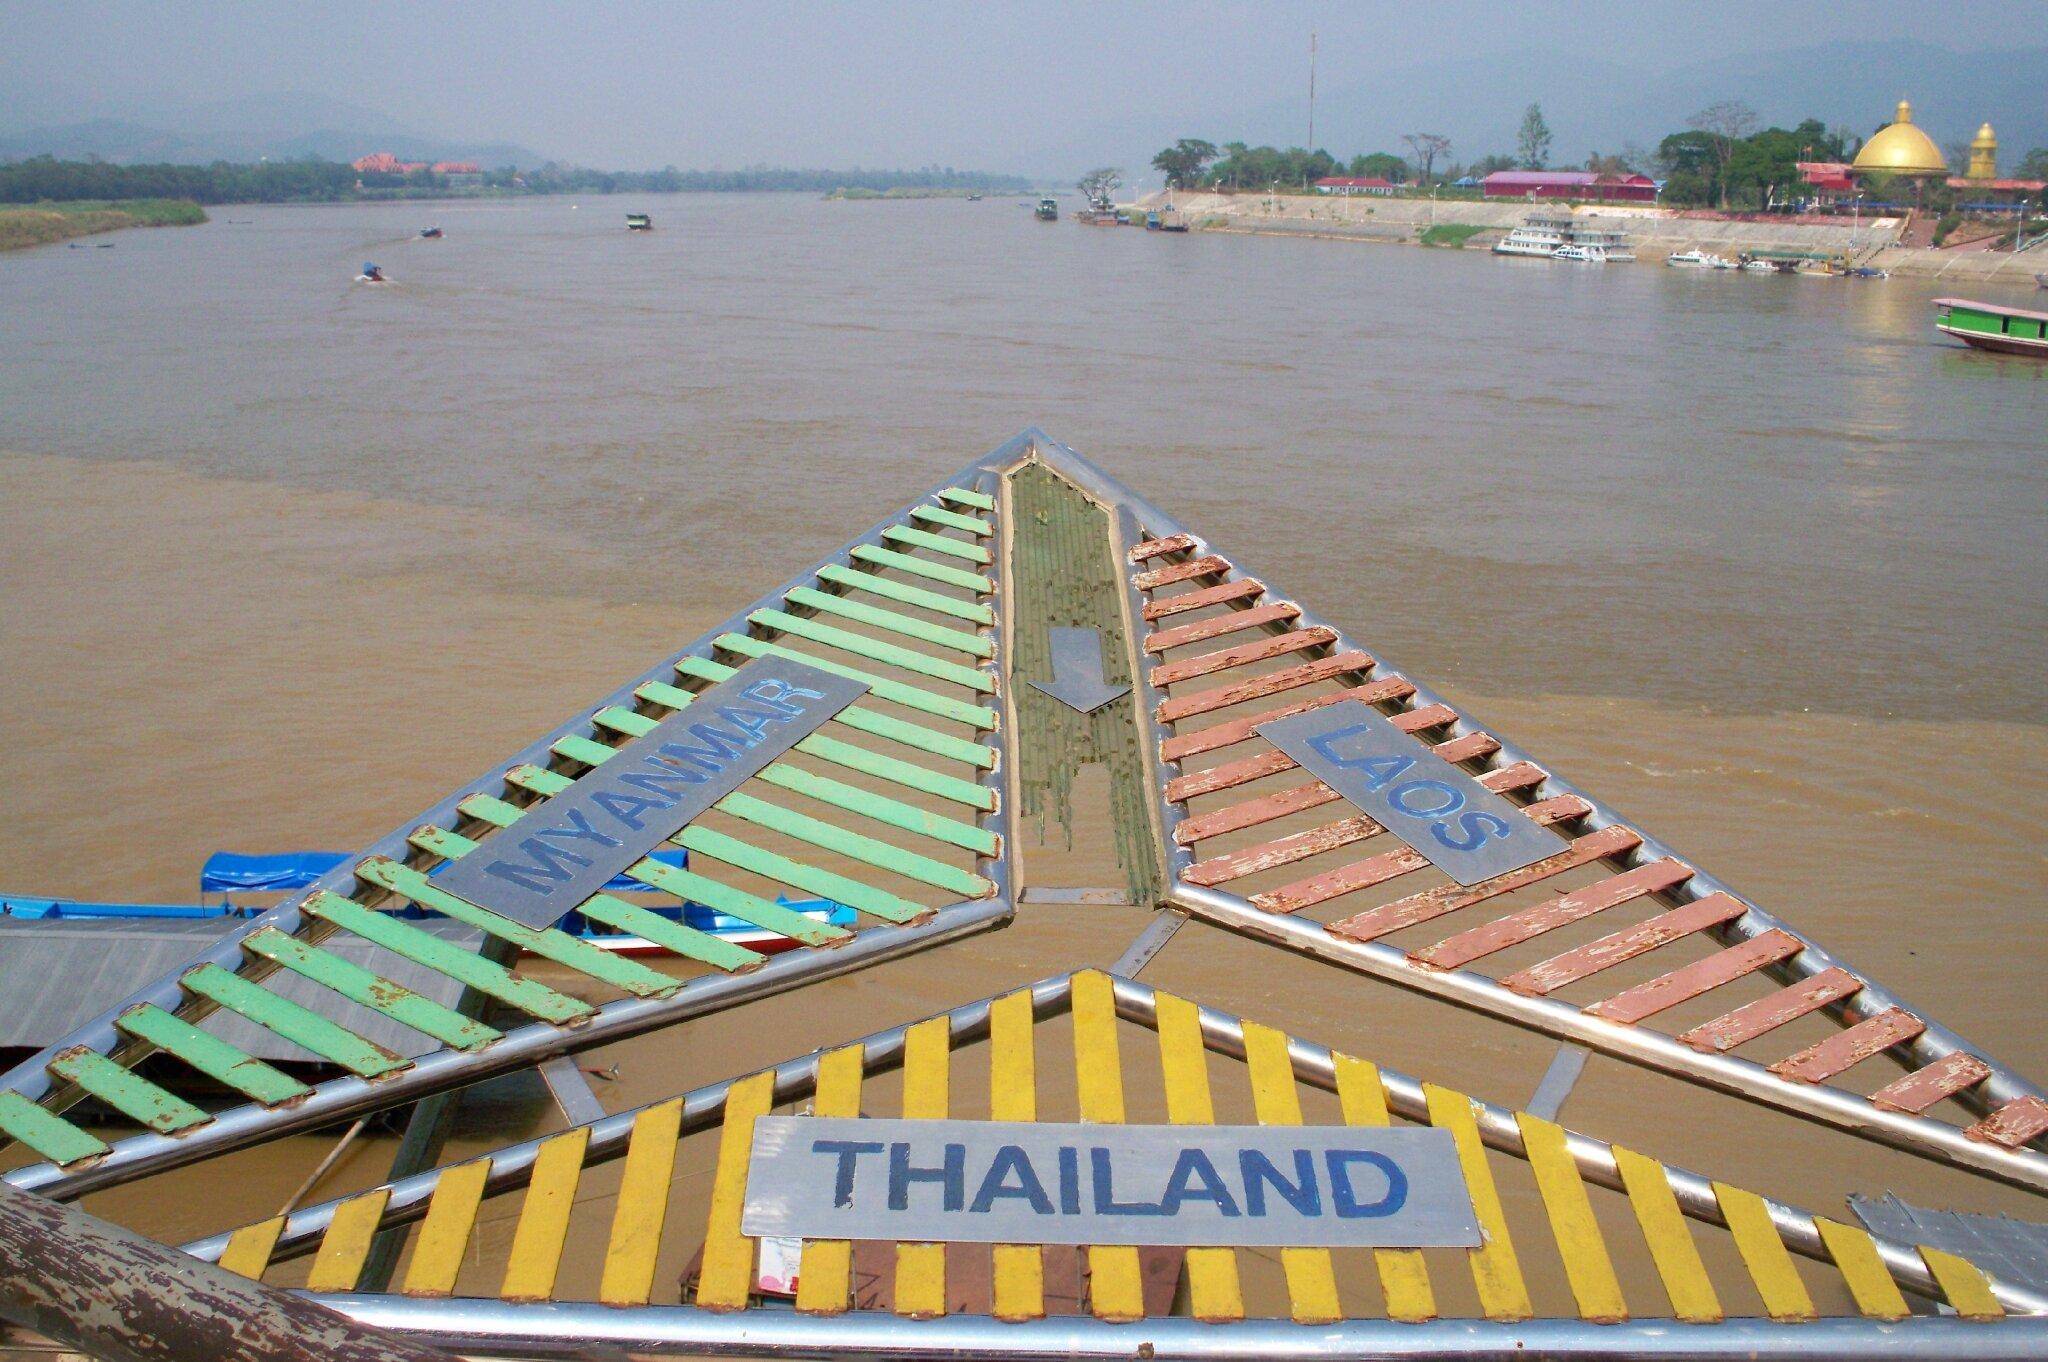 Thailande 19 mars 2014 957